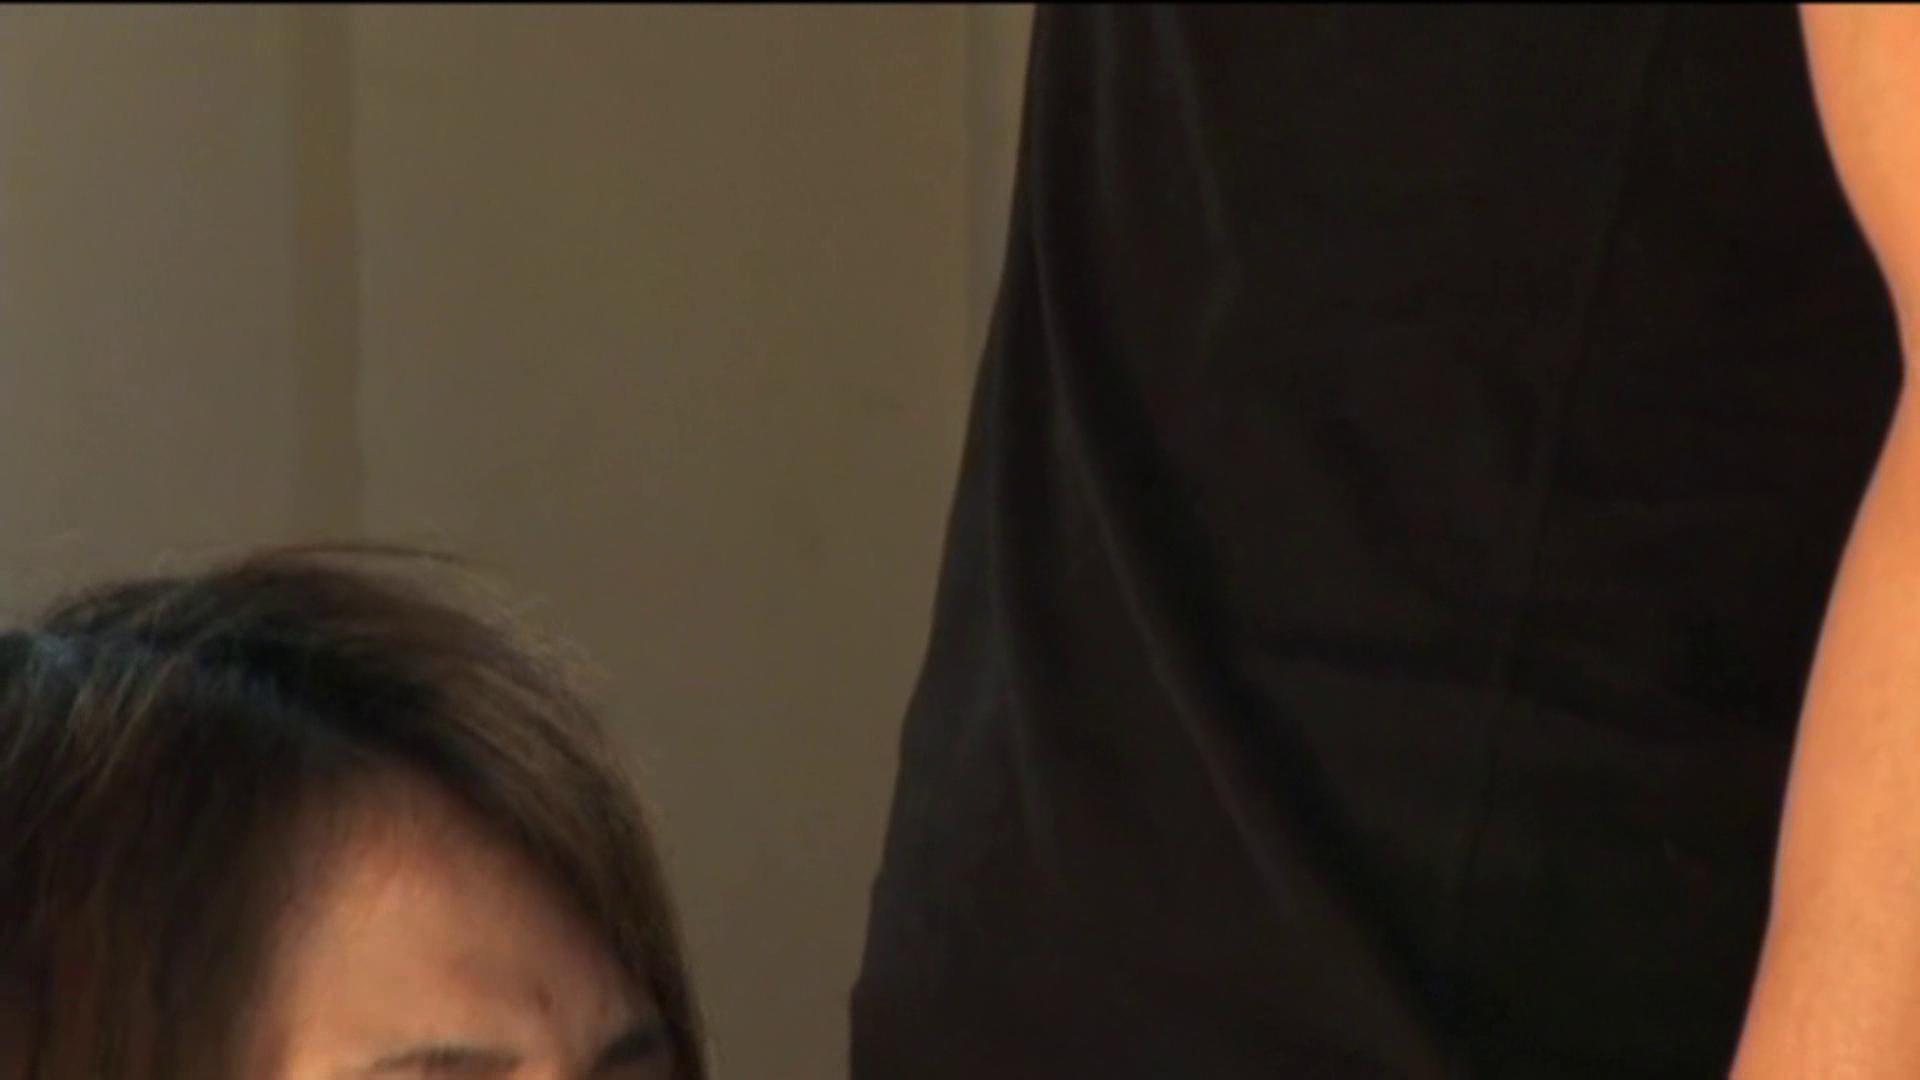 イケメン☆パラダイス〜男ざかりの君たちへ〜vol.37 男の世界 ゲイアダルトビデオ紹介 83画像 42